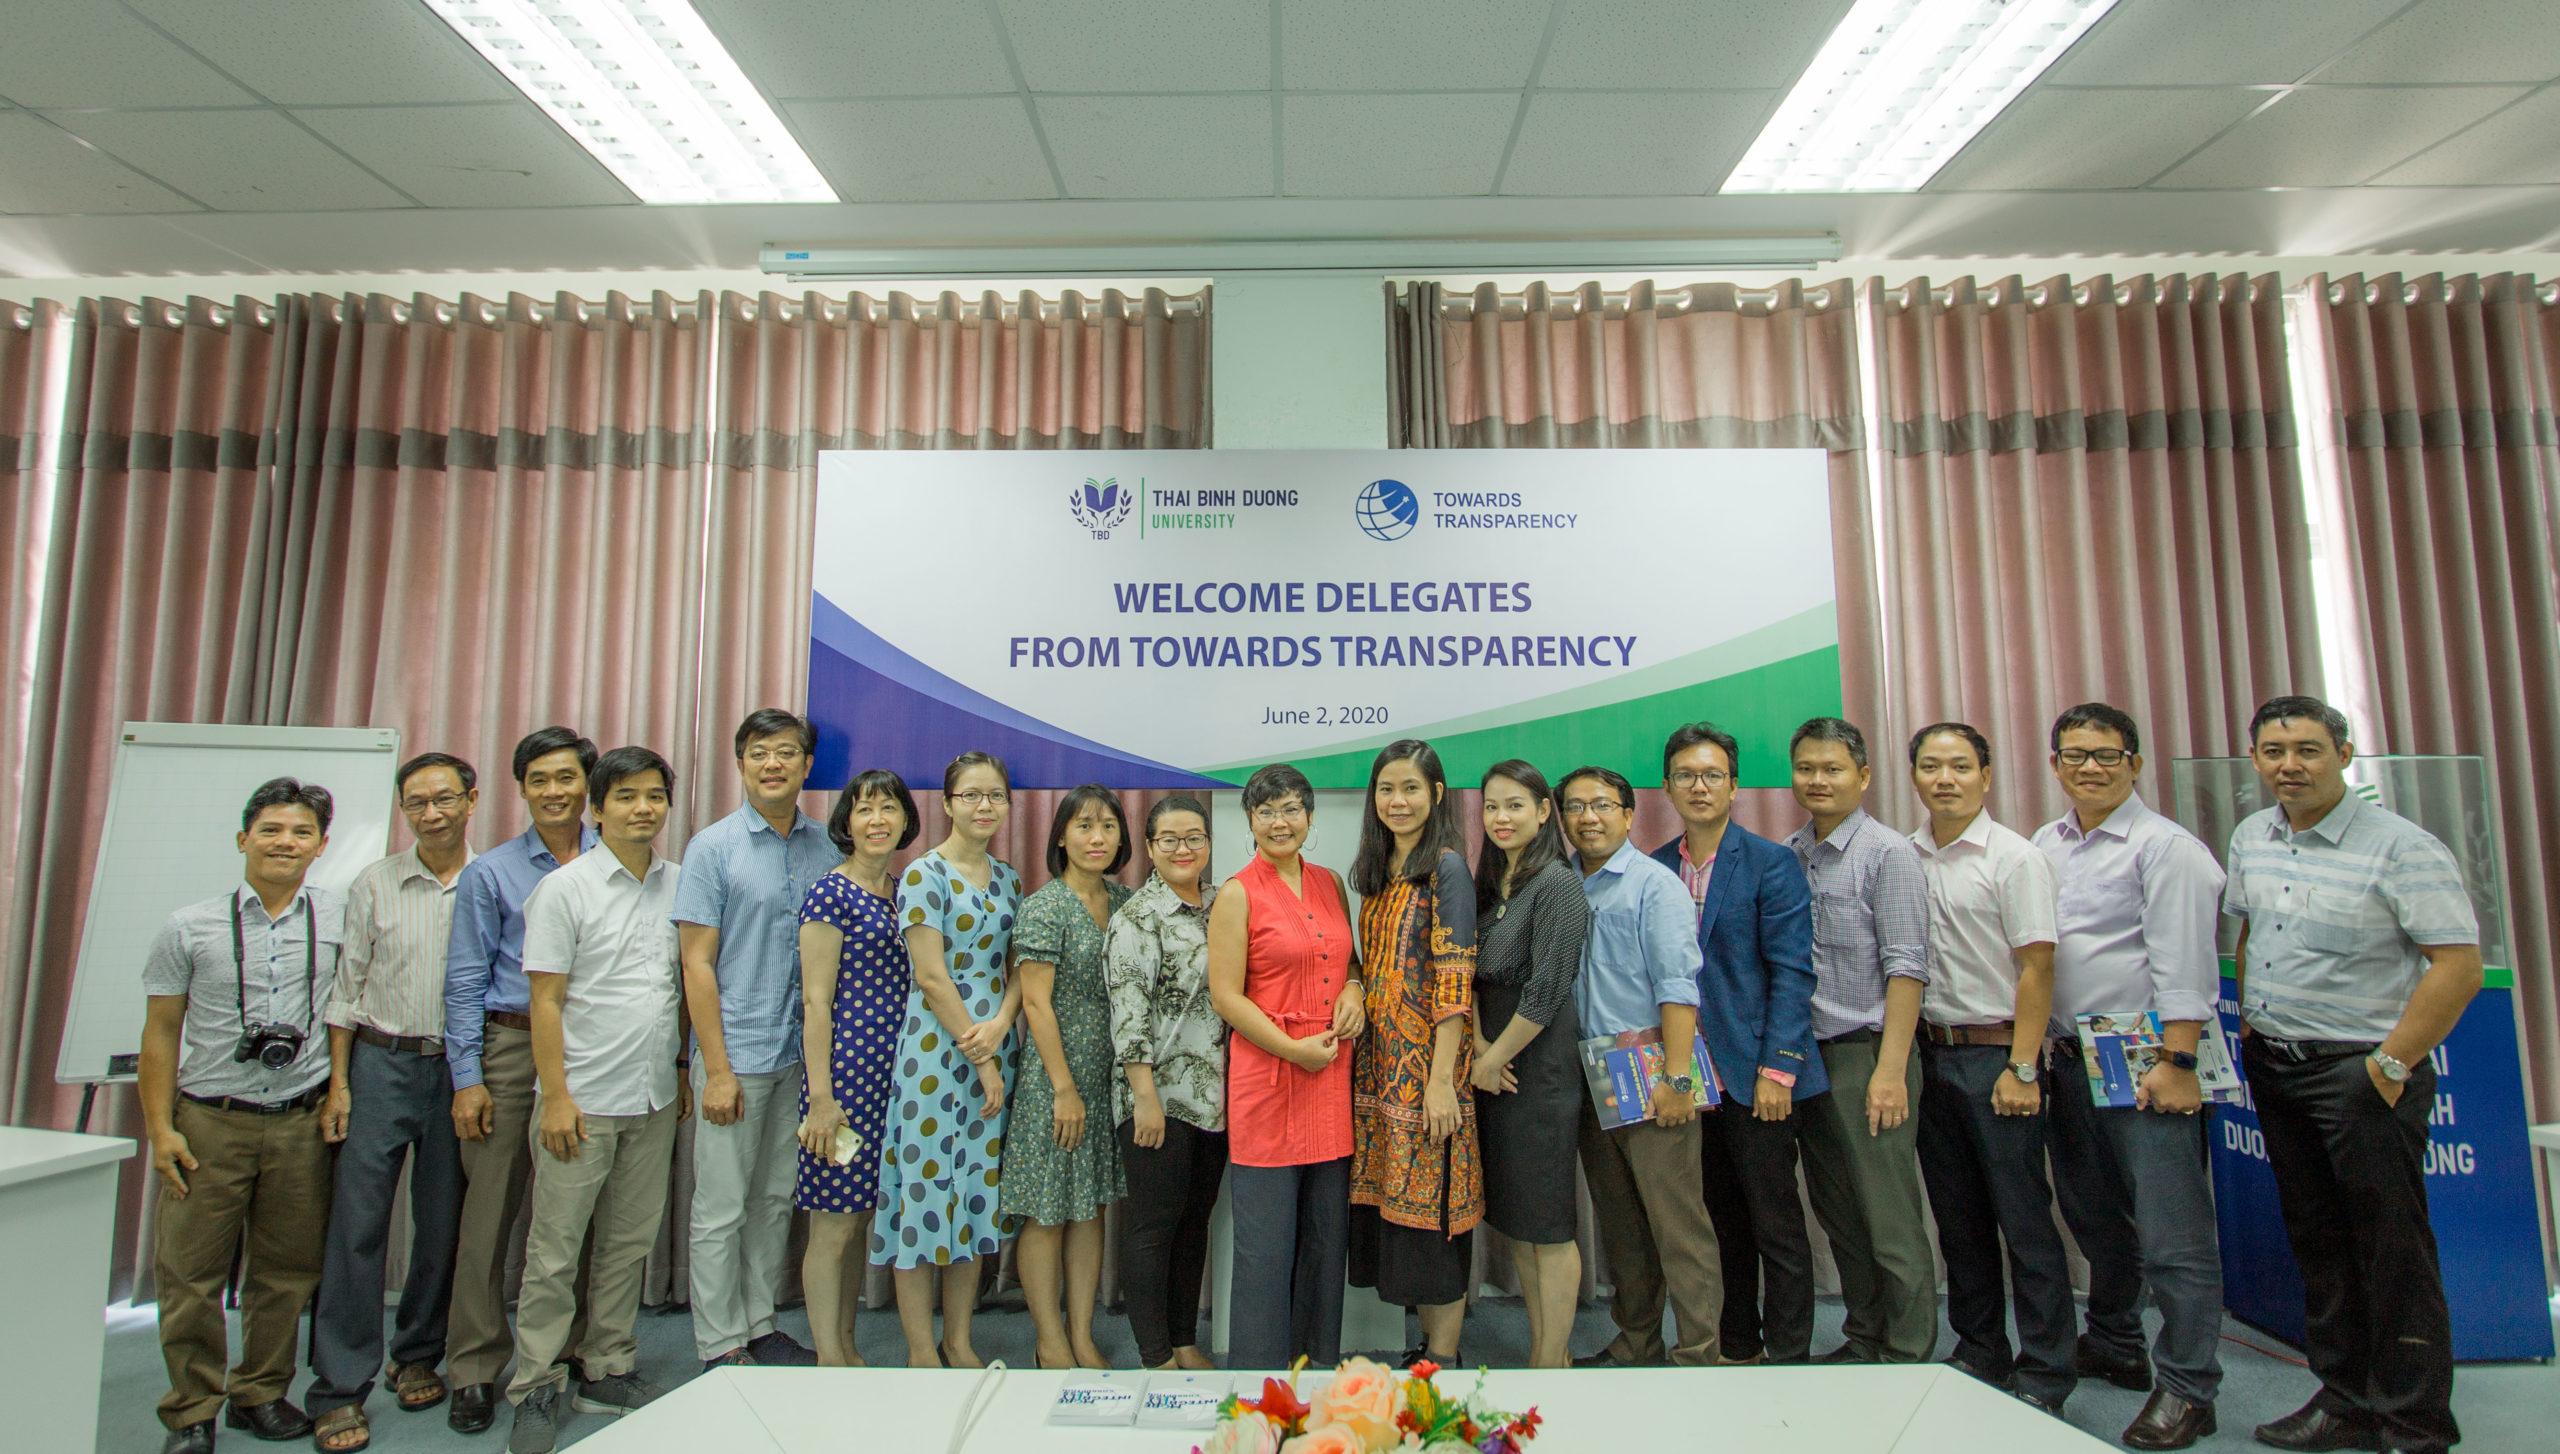 Tổ chức Hướng tới Minh bạch thăm và làm việc tại Đại học Thái Bình Dương